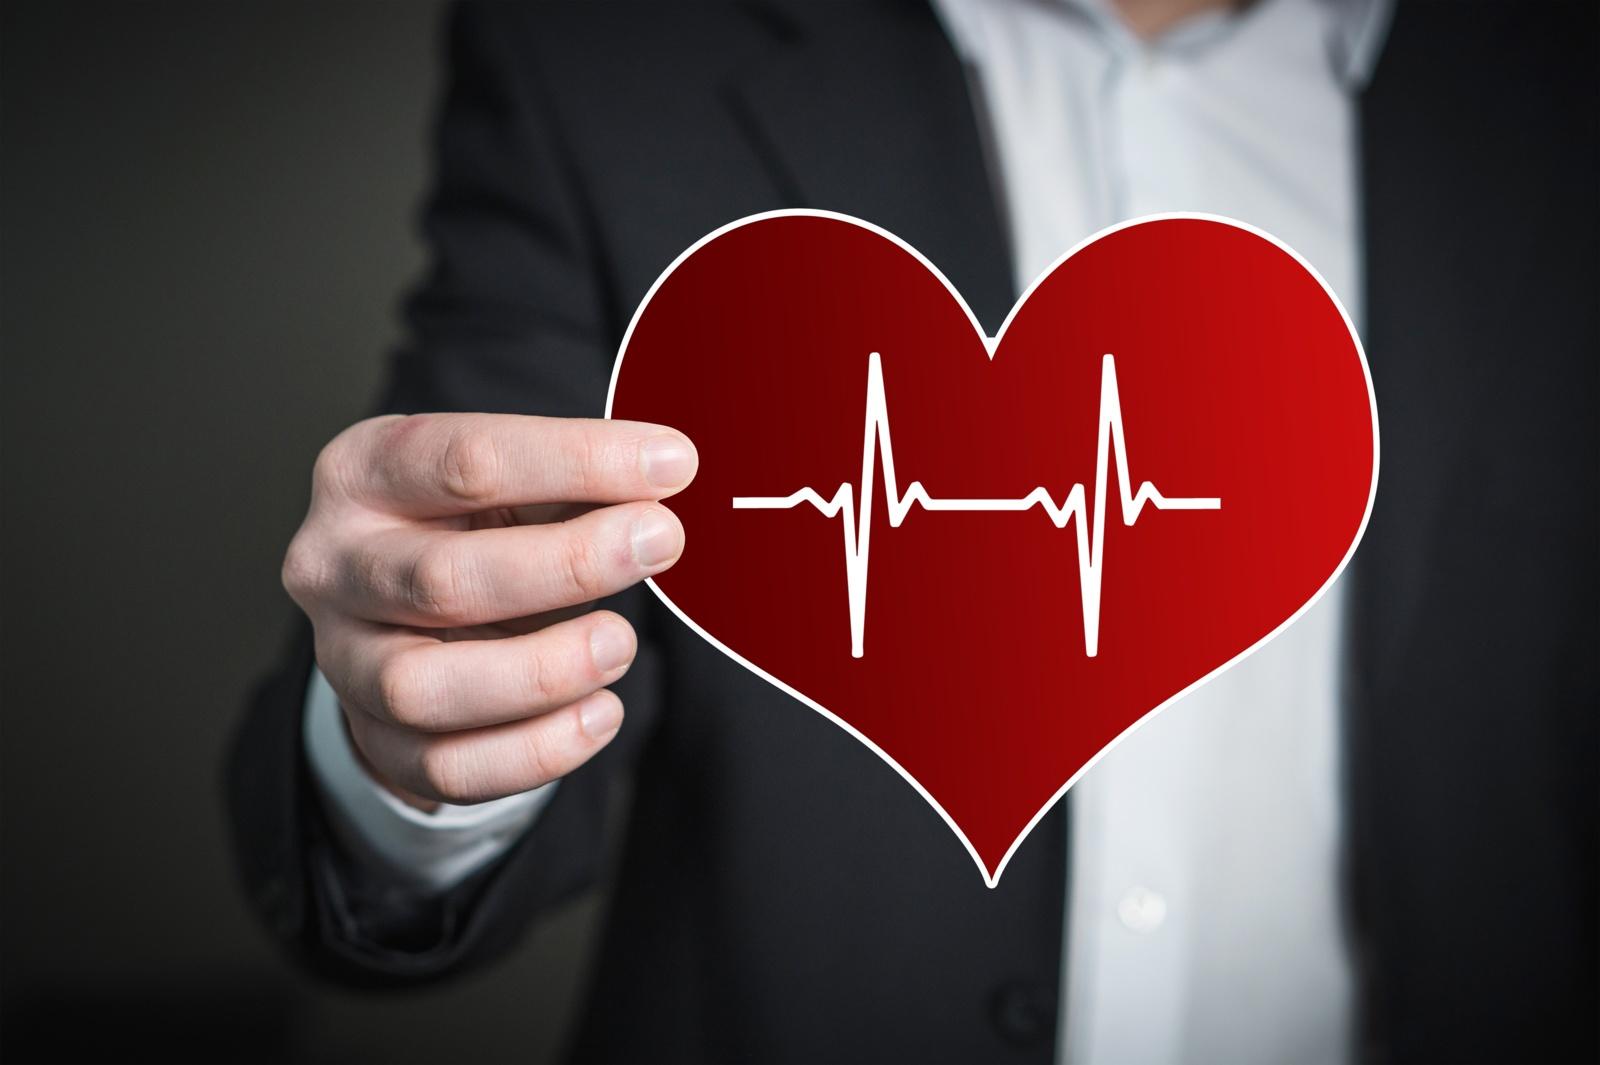 rūkymo faktorius hipertenzijos vystymuisi)